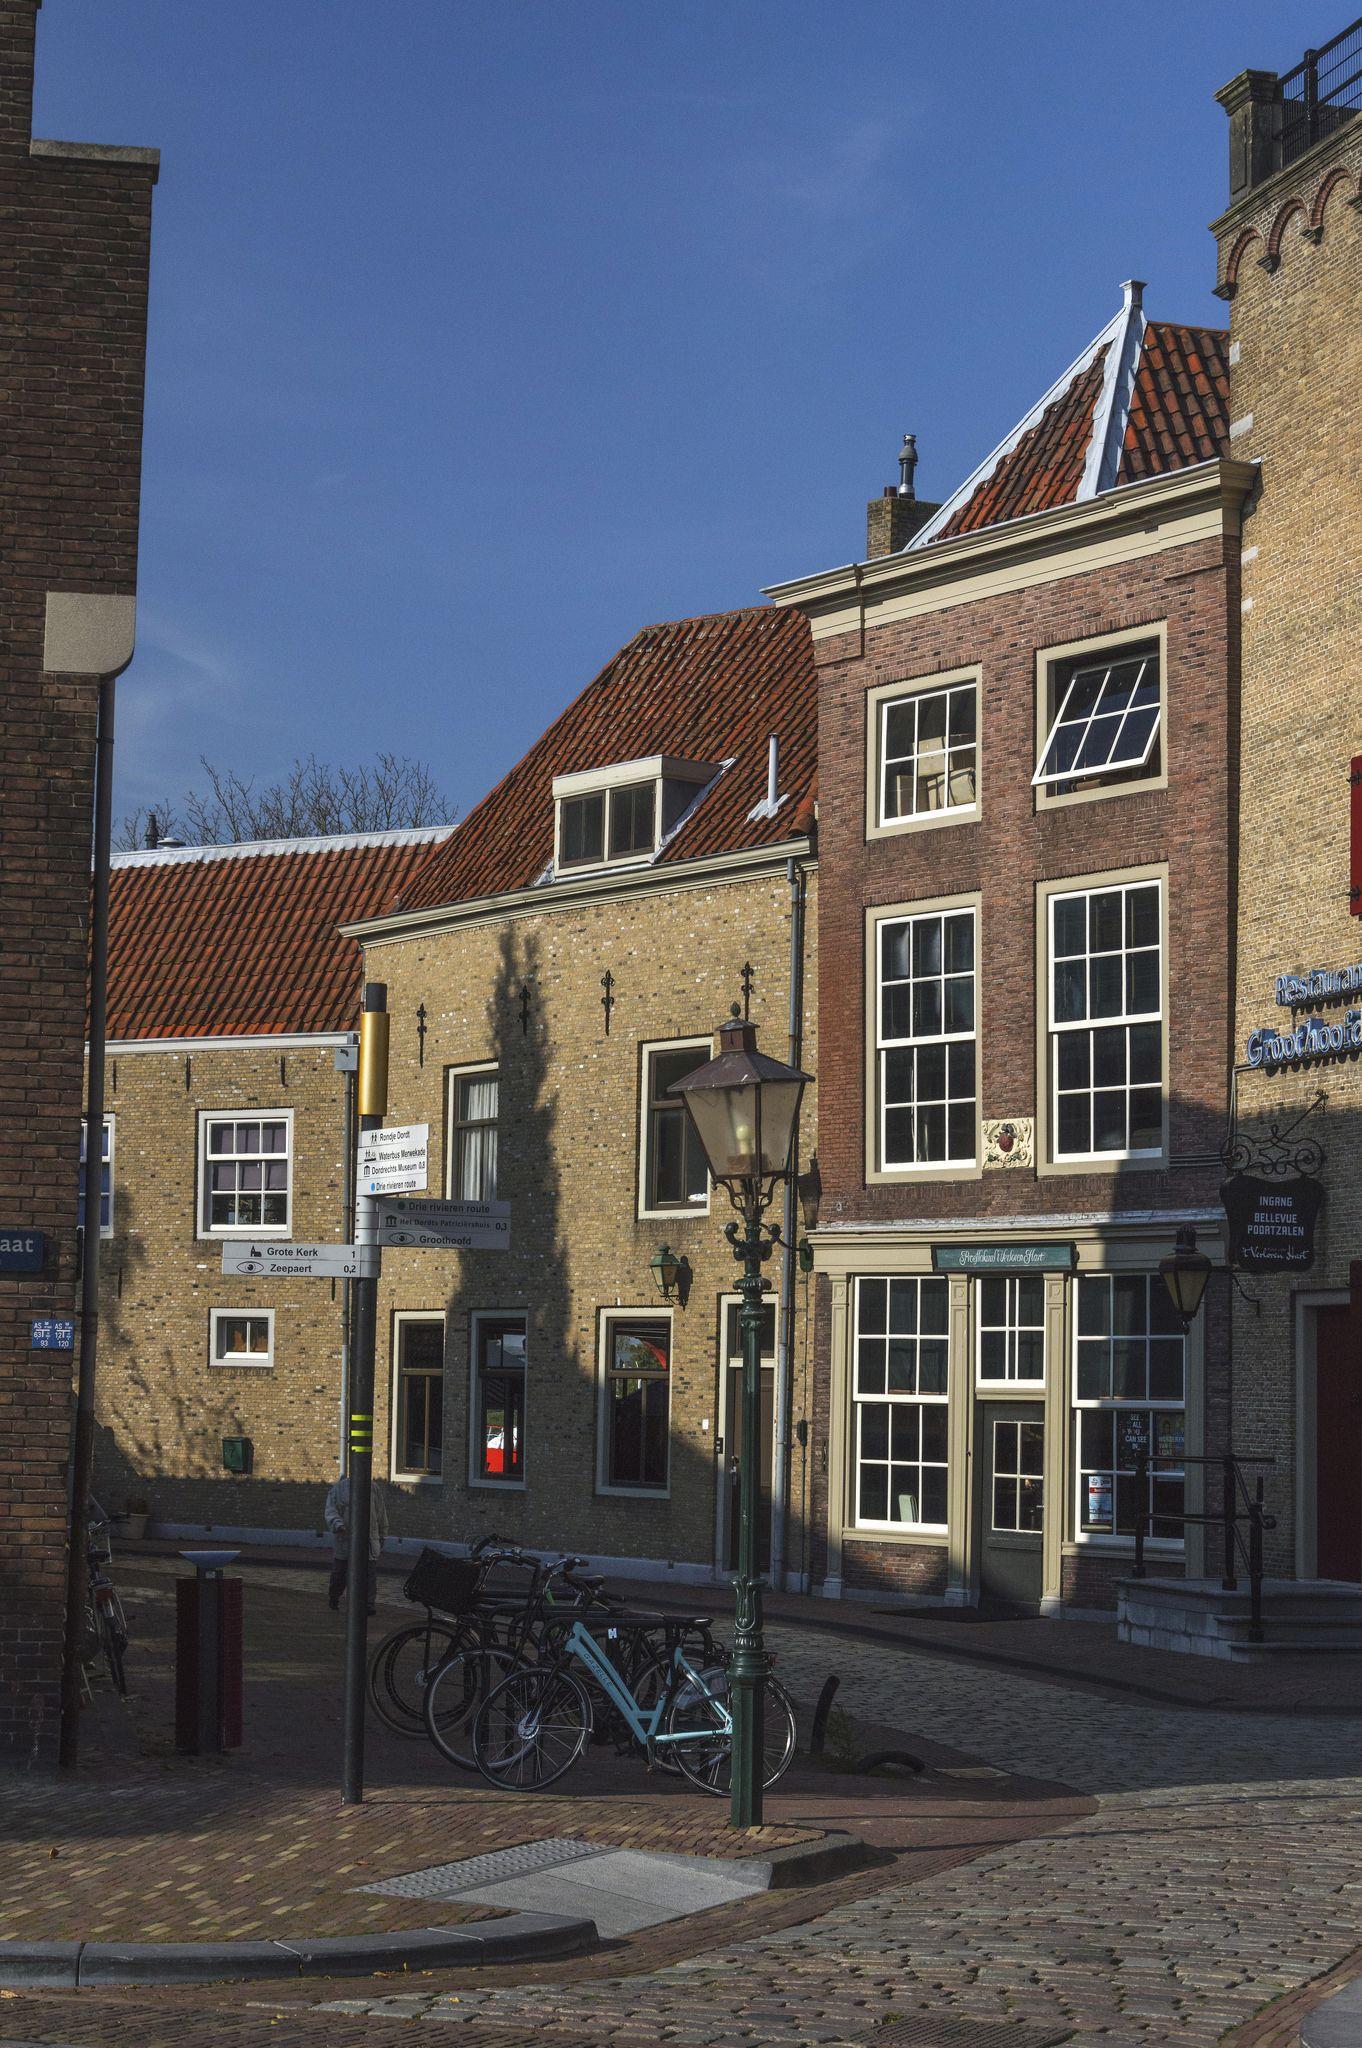 https://flic.kr/p/pE48Hz | Palingstraat, Dordrecht